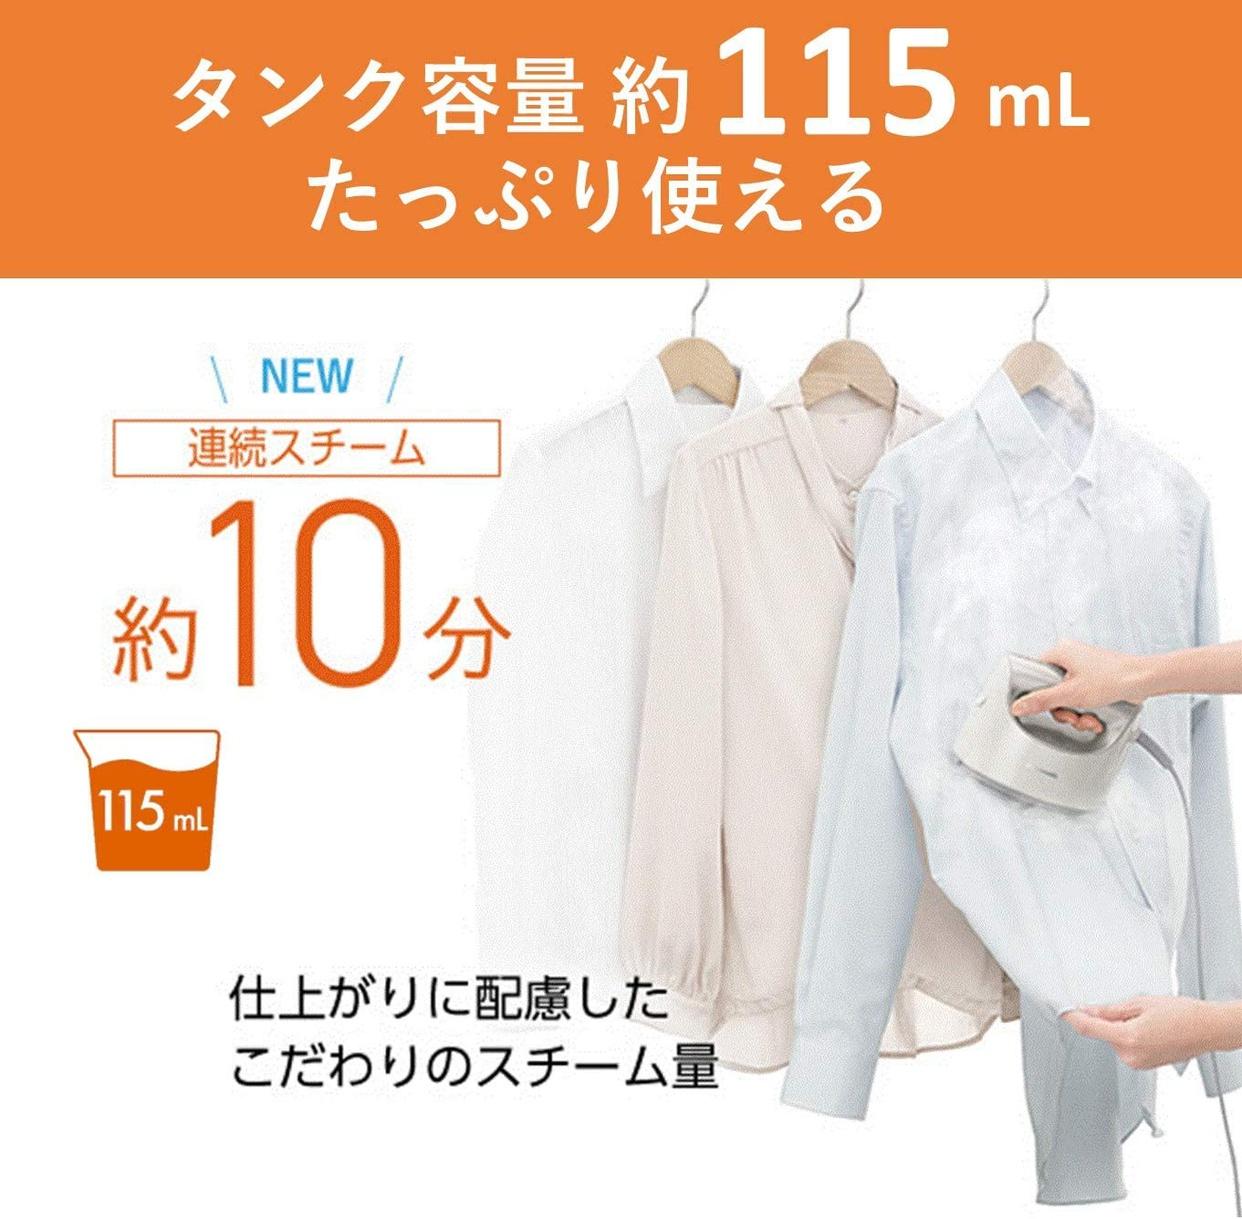 Panasonic(パナソニック) 衣類スチーマー NI-FS760の商品画像5